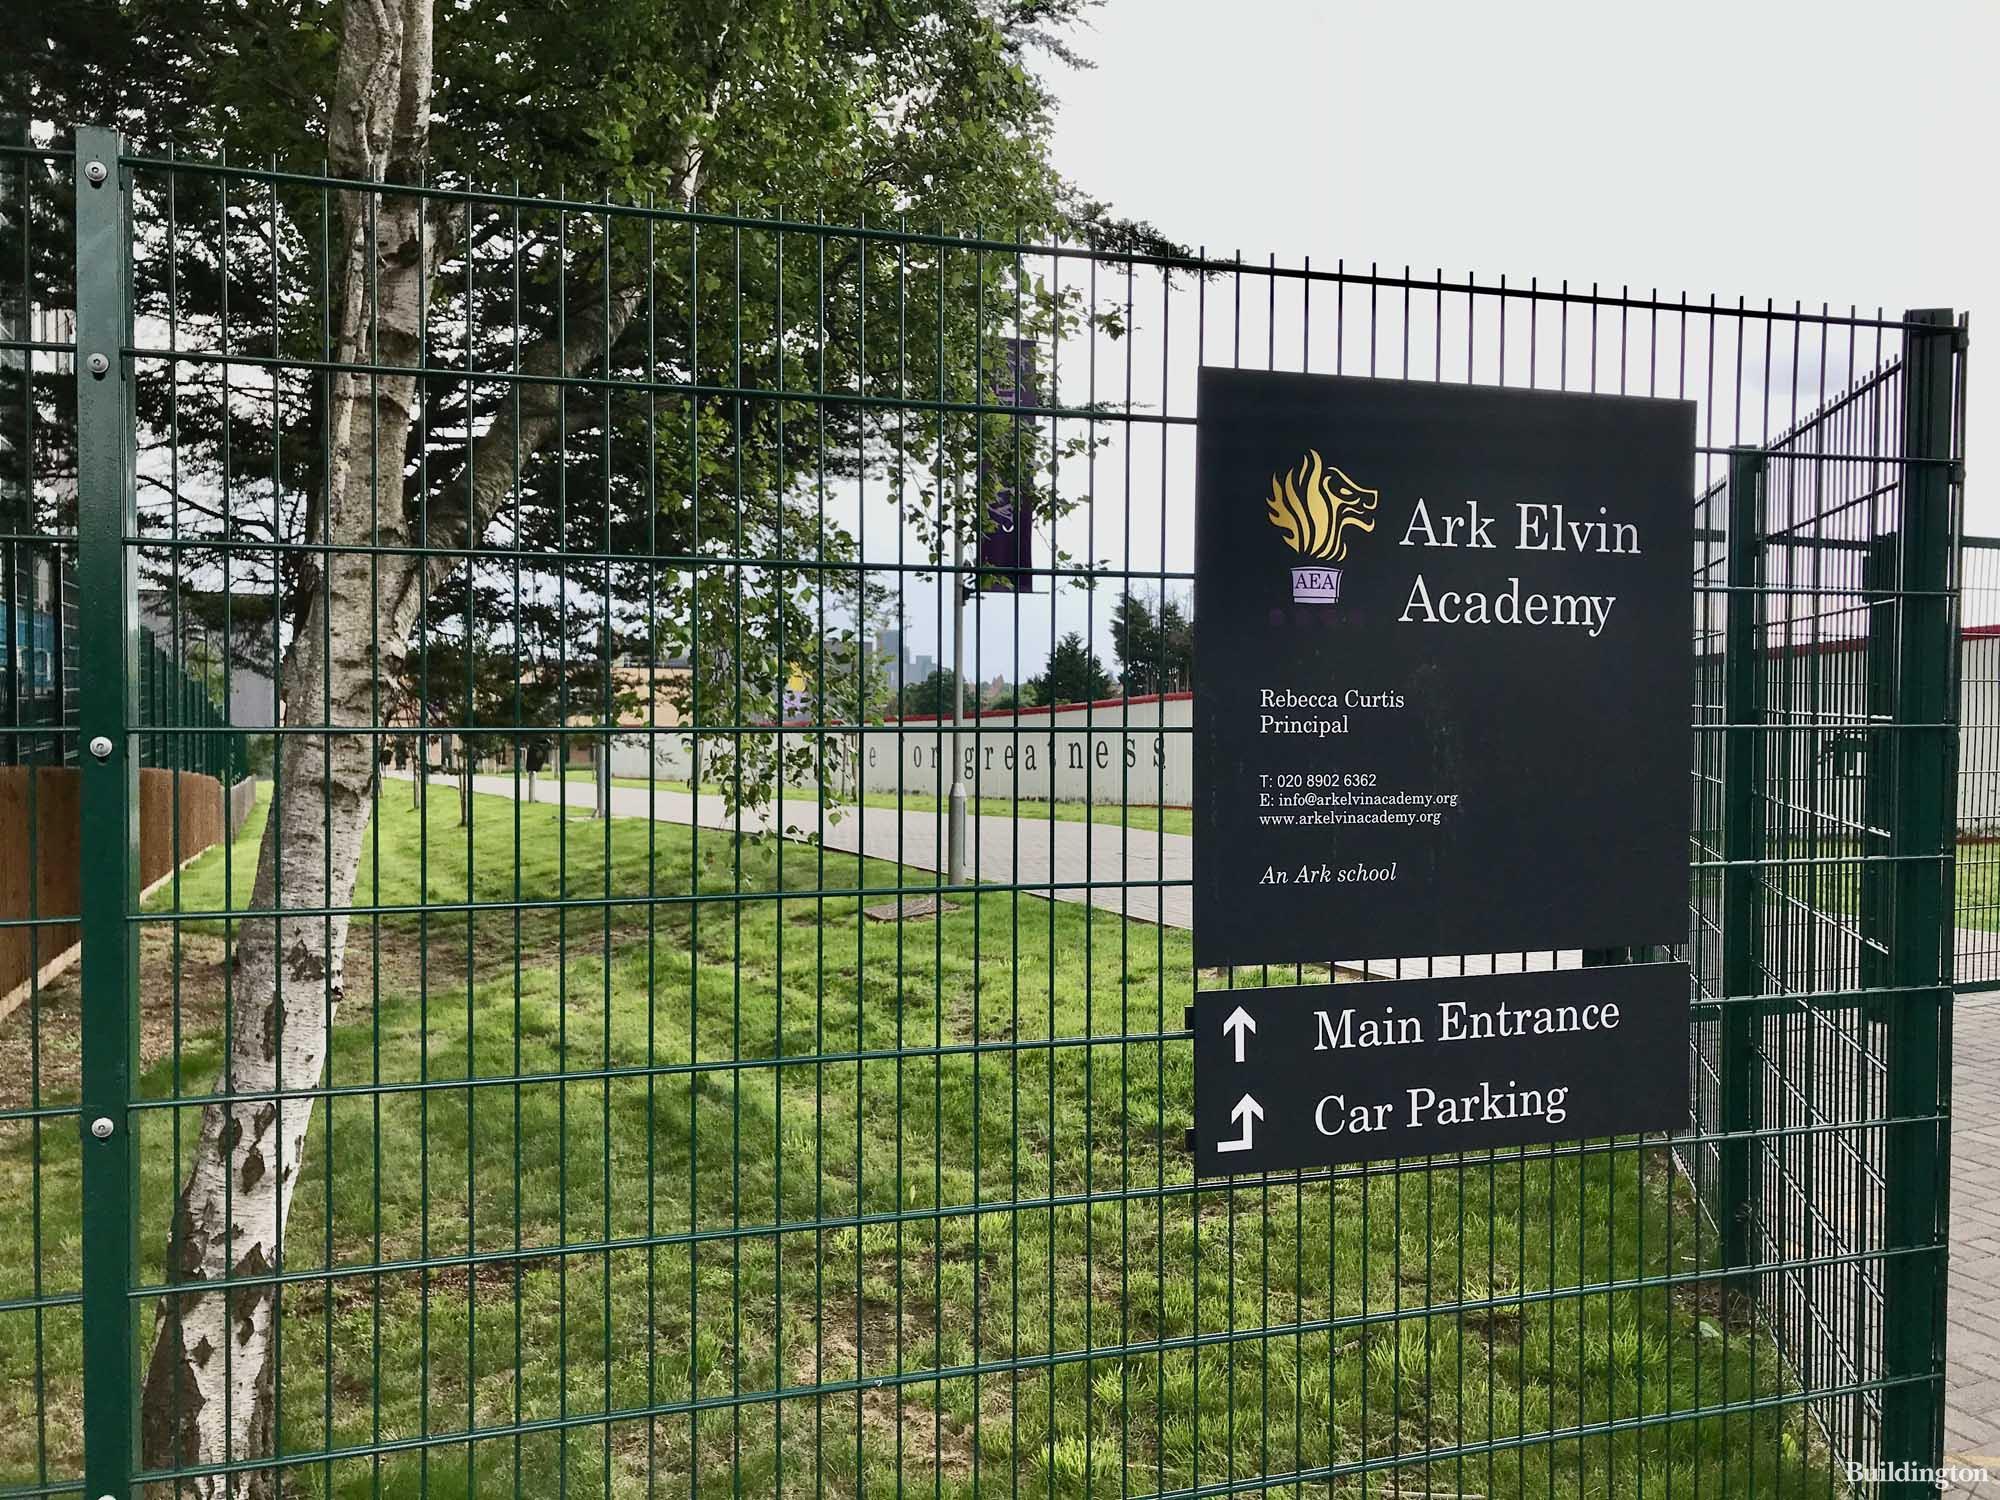 Ark Elvin Academy sign on Wembley High Street.